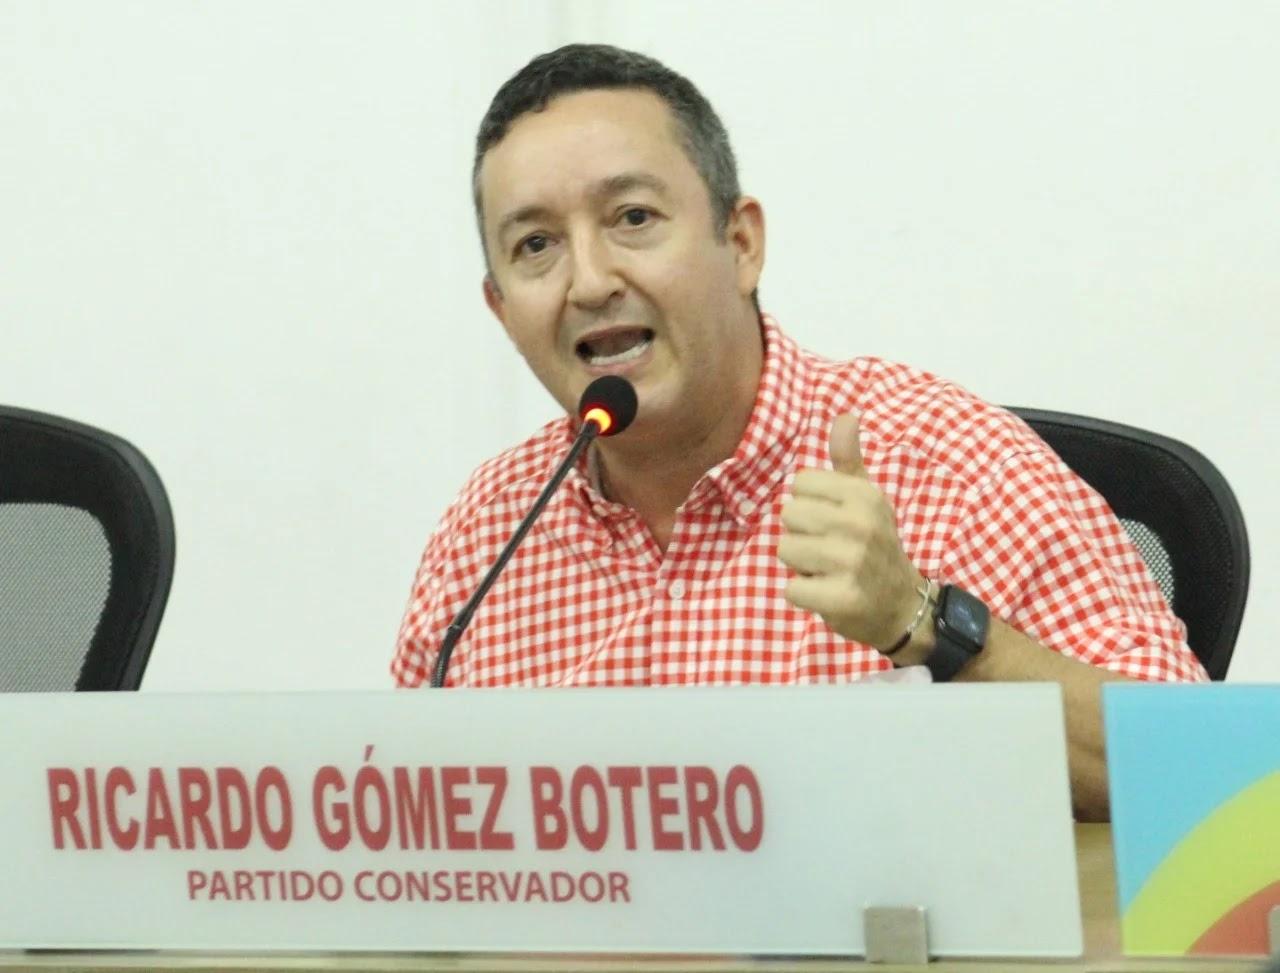 Este es el primer caso confirmado de coronavirus entre los concejales de la ciudad de Villavicencio